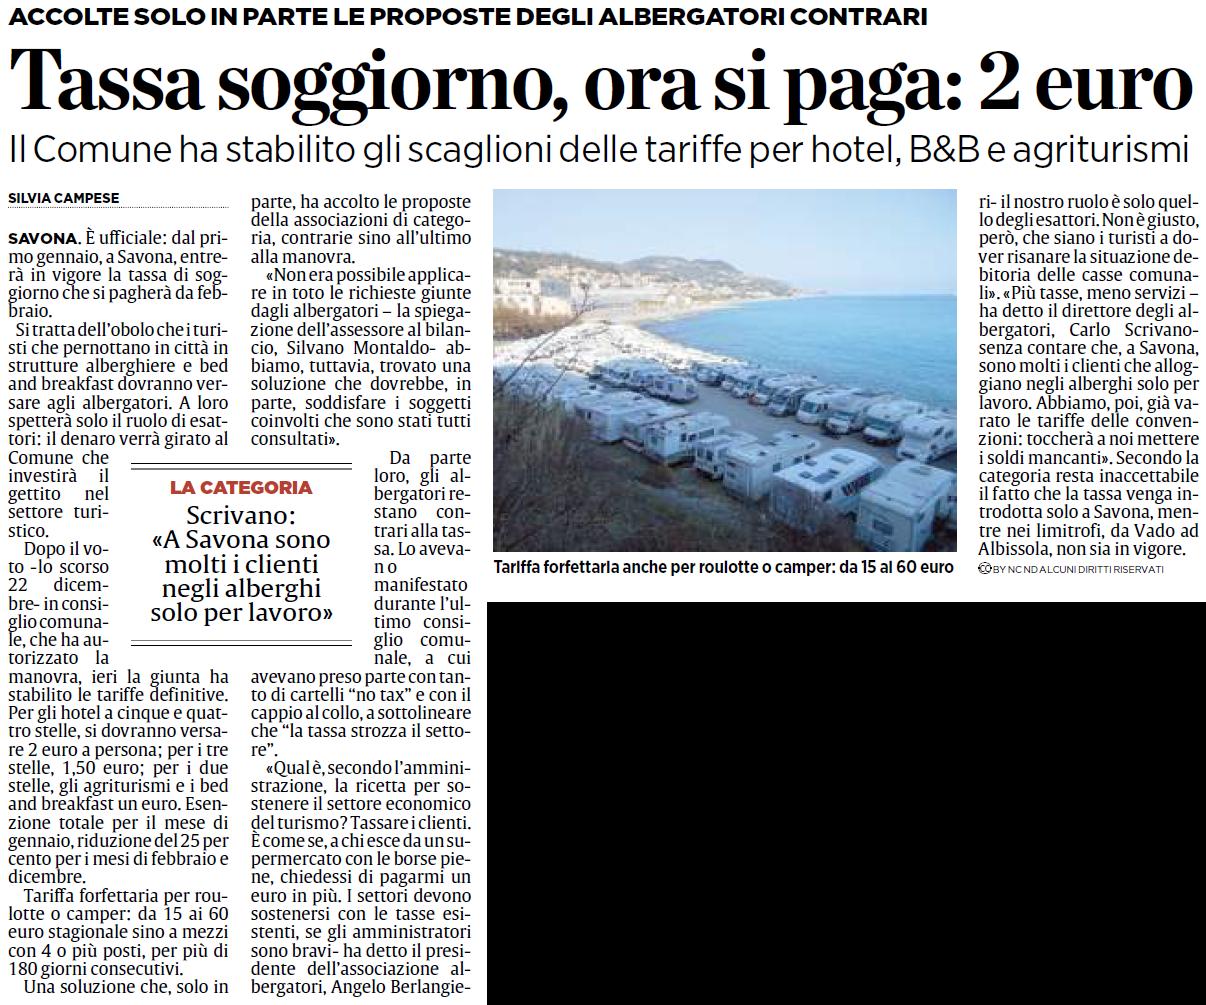 ALASSIOFUTURA: Savona - Tassa di soggiorno, ora si paga: 2 euro. Il ...